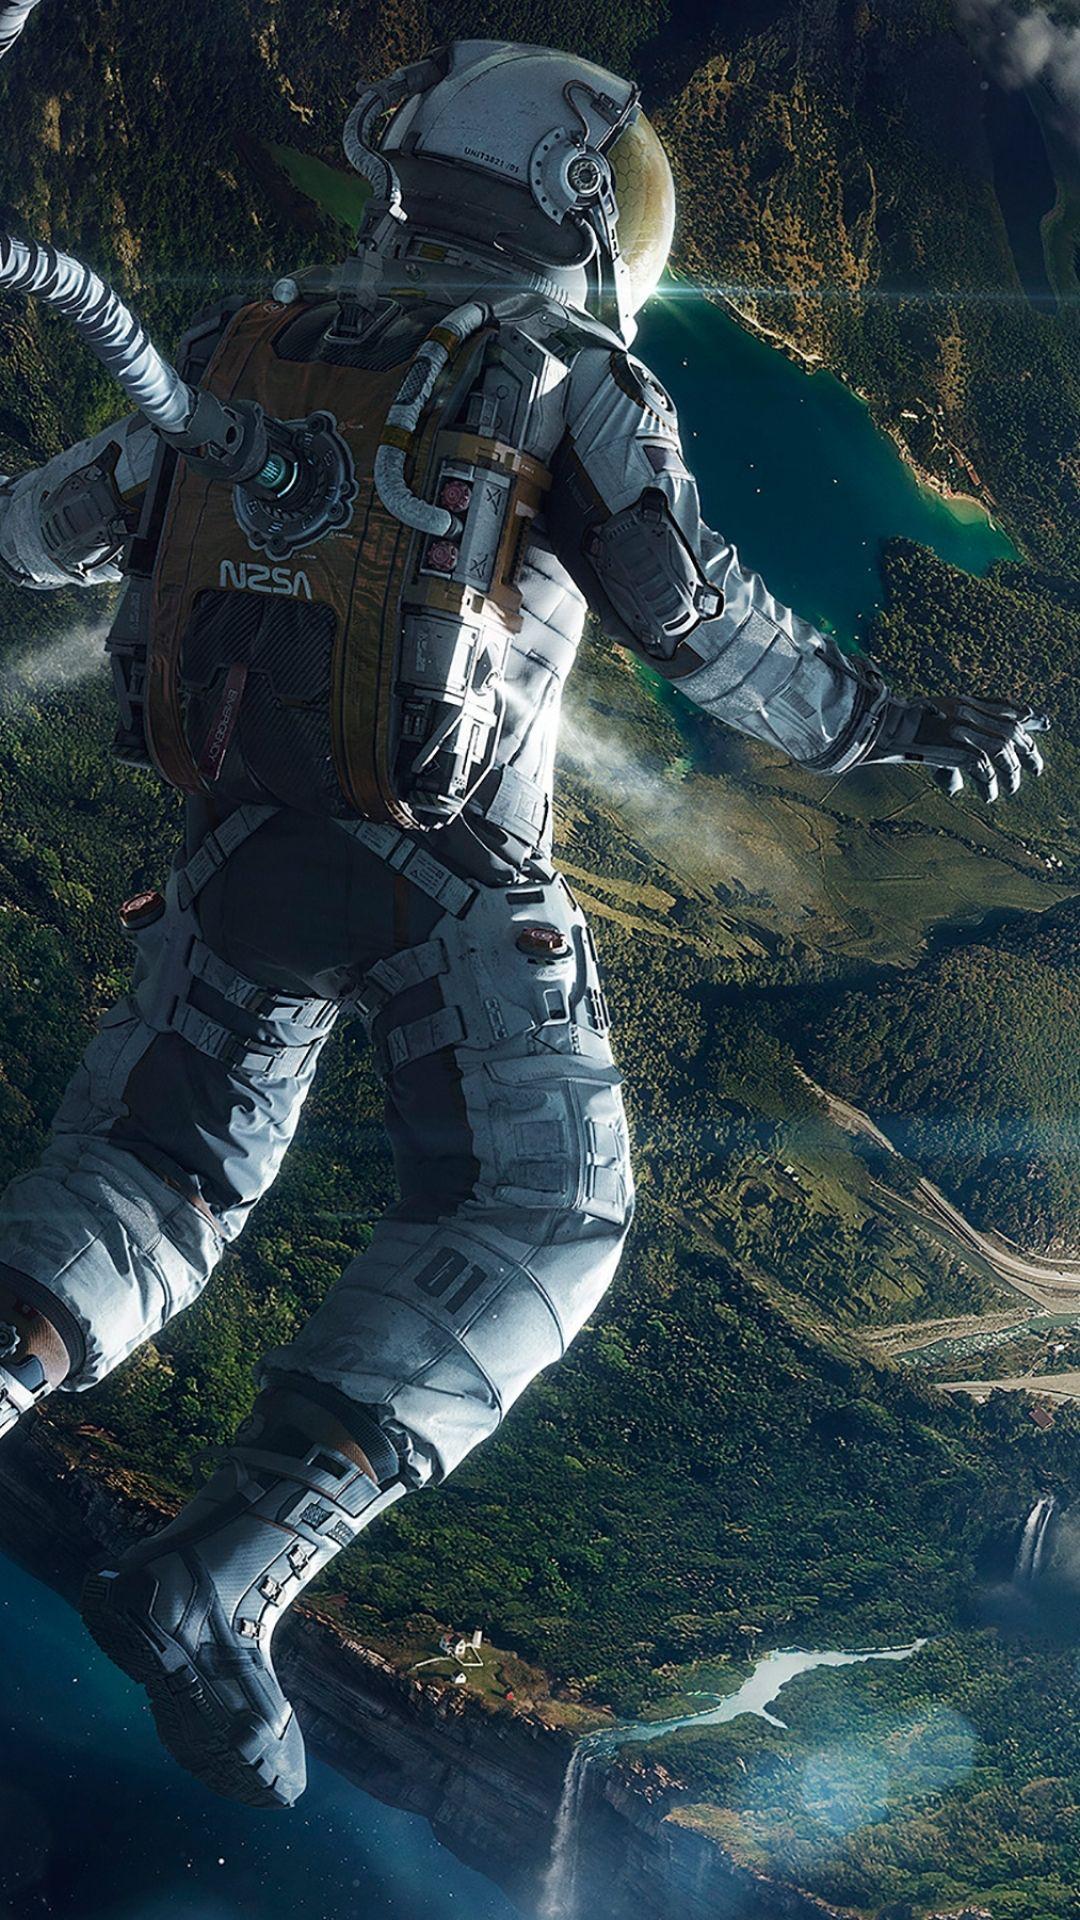 cool iphone science fiction hd fond d'écran 213